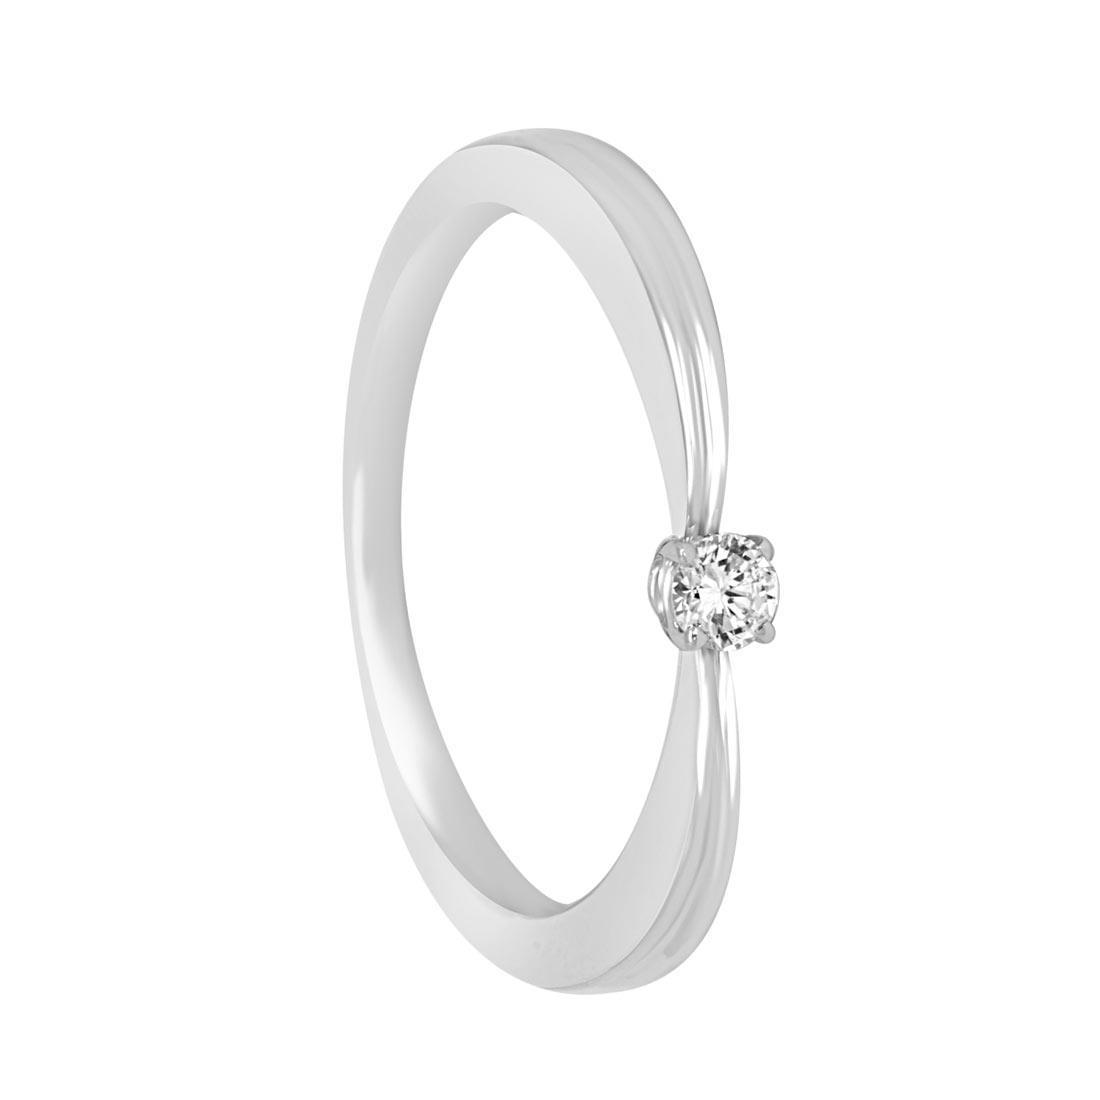 Anello solitario in oro bianco con diamante ct 0.08 misura 15 - ALFIERI ST JOHN